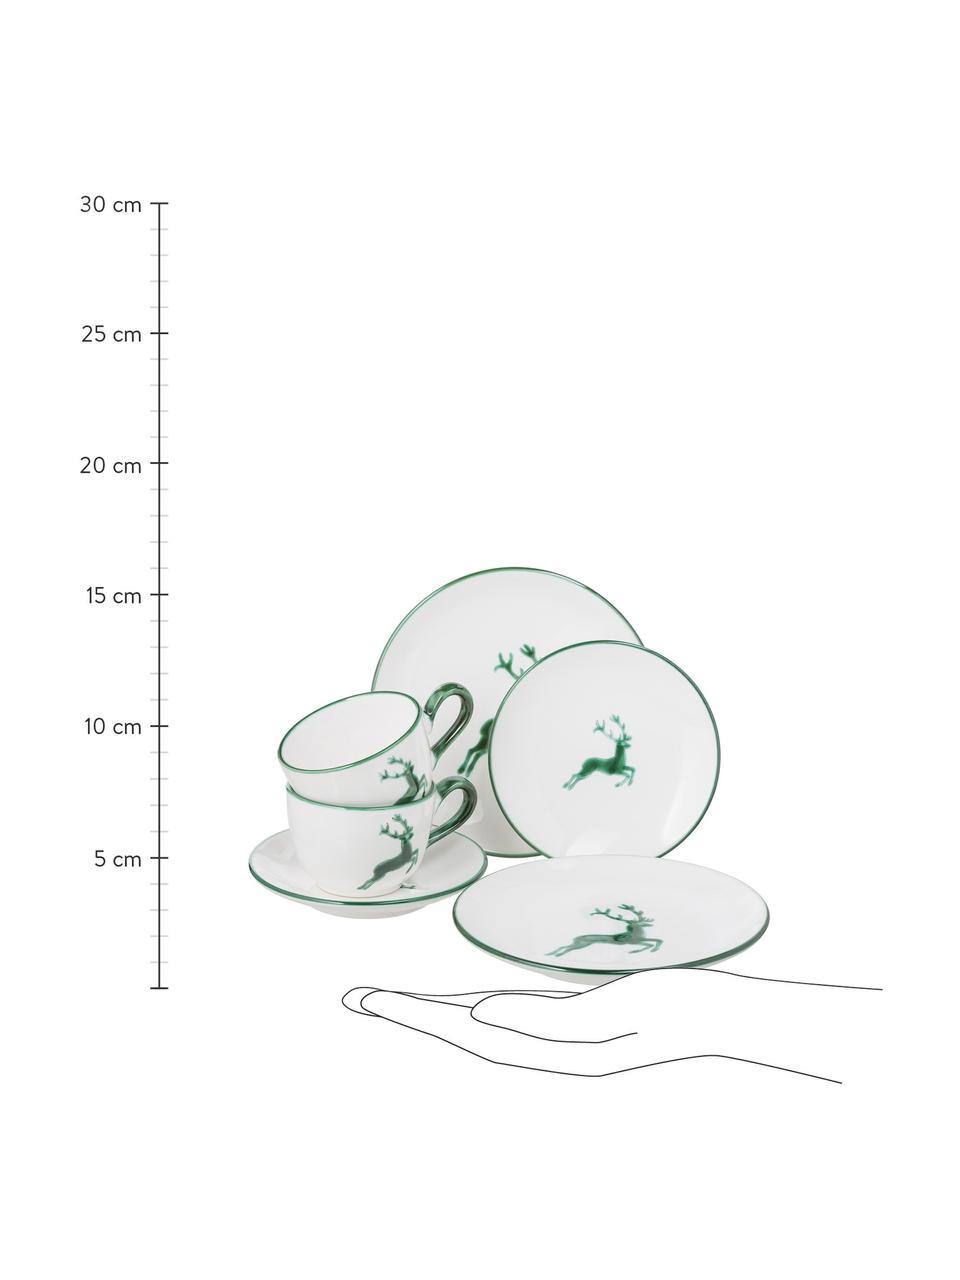 Ręcznie malowany serwis do kawy Classic Grüner Hirsch, 6 elem., Ceramika, Zielony, biały, Komplet z różnymi rozmiarami